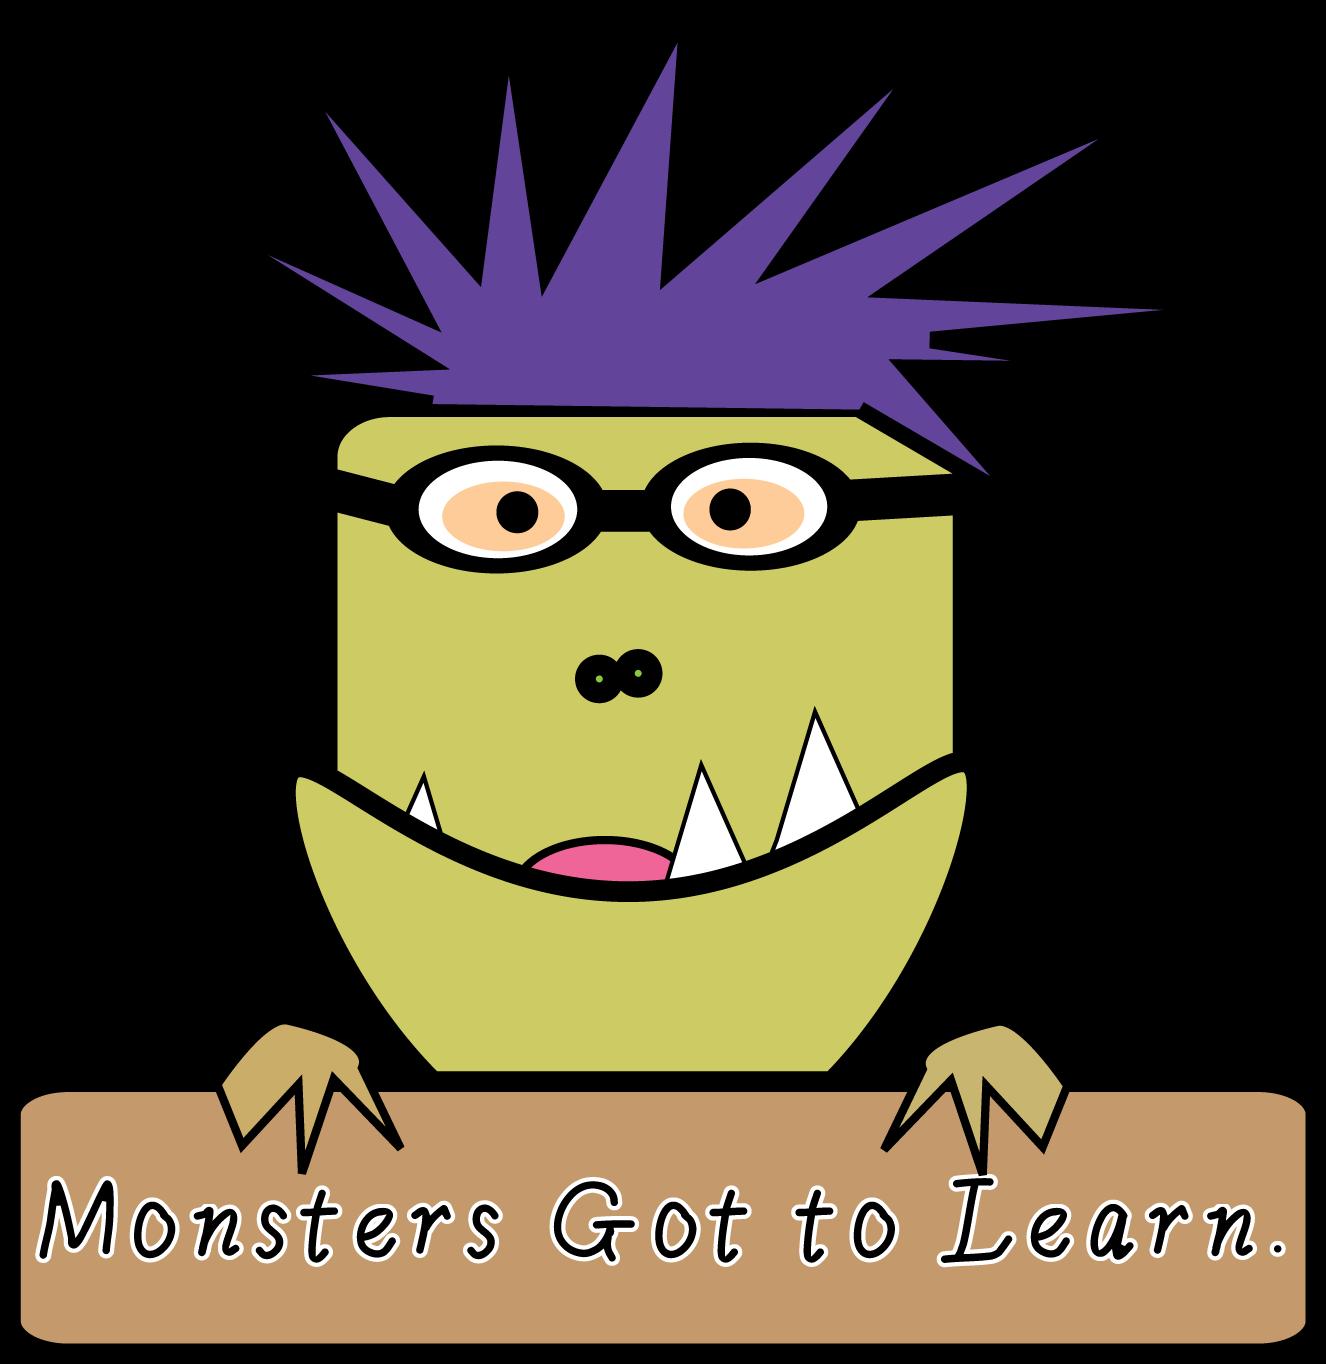 Monster clipart monster head #7